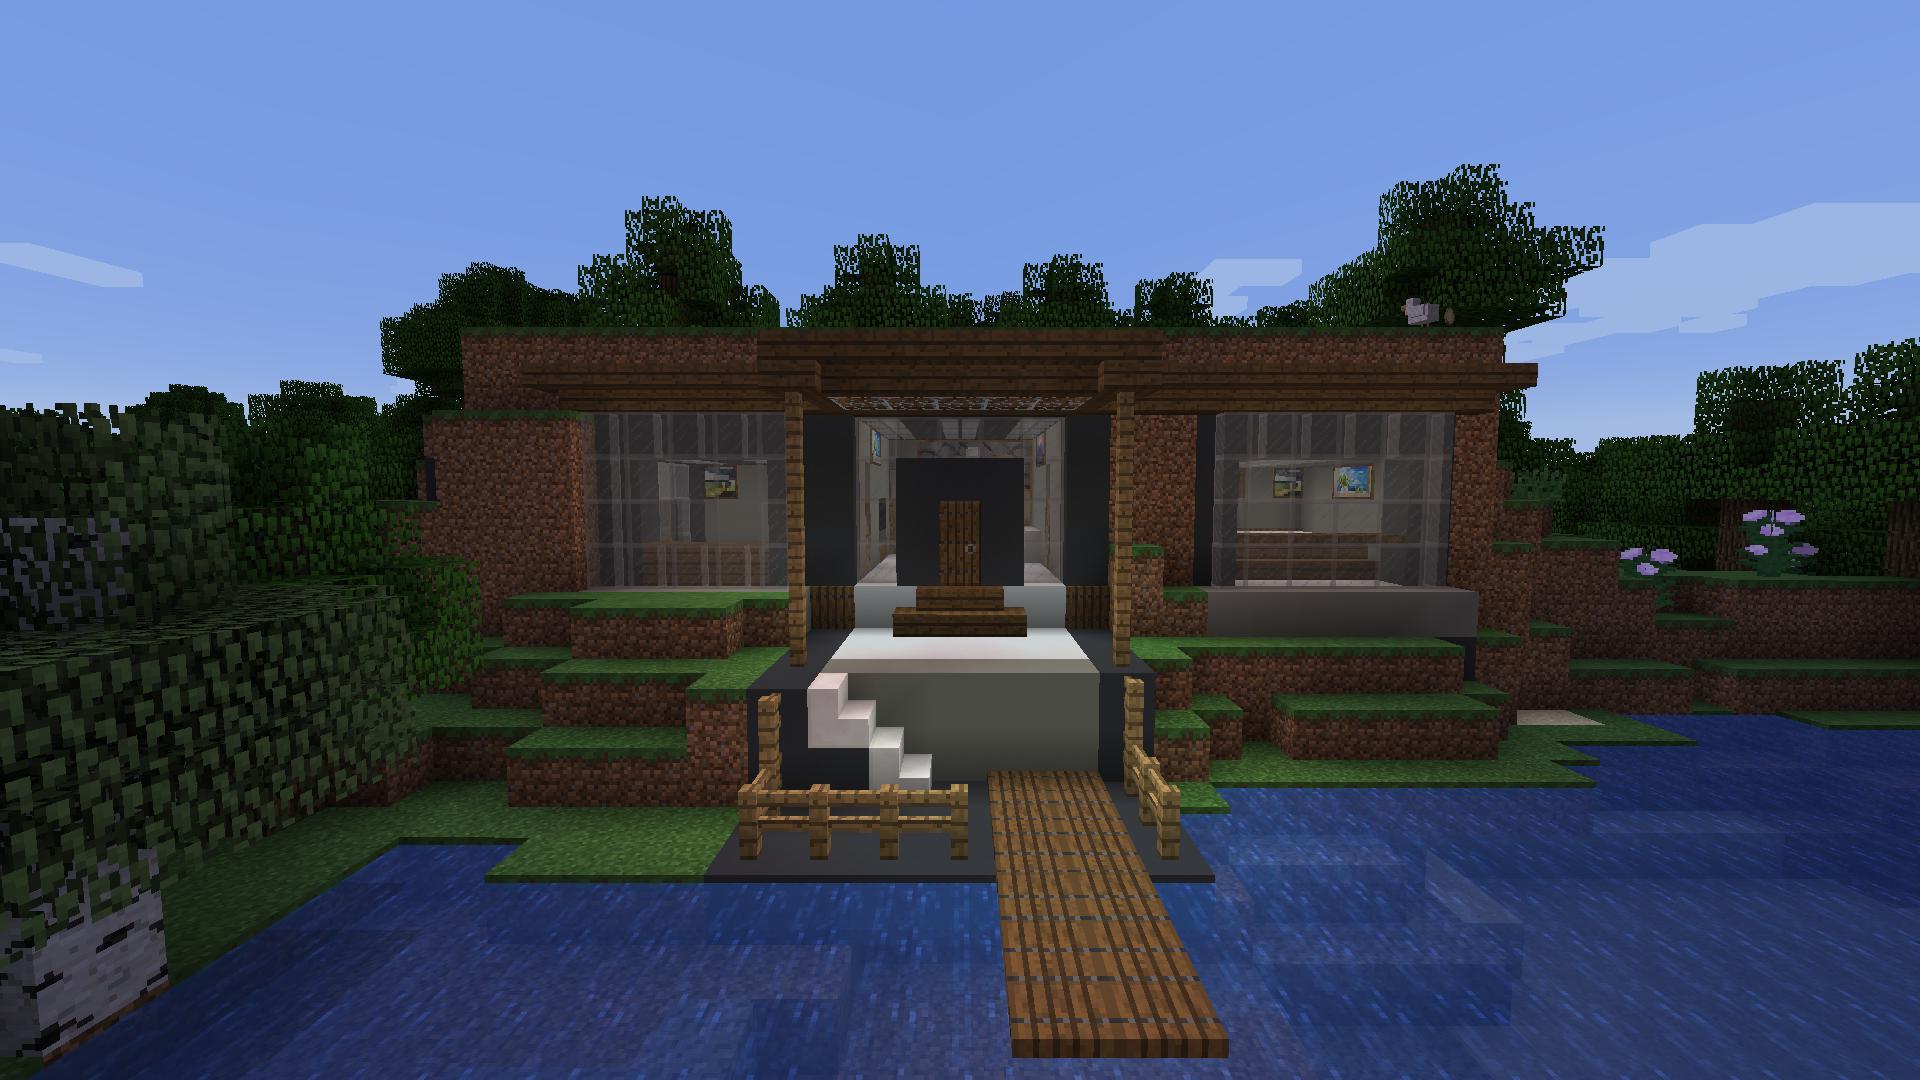 Maison moderne dans la montagne sur une jetée avec un quai dans un minecraft